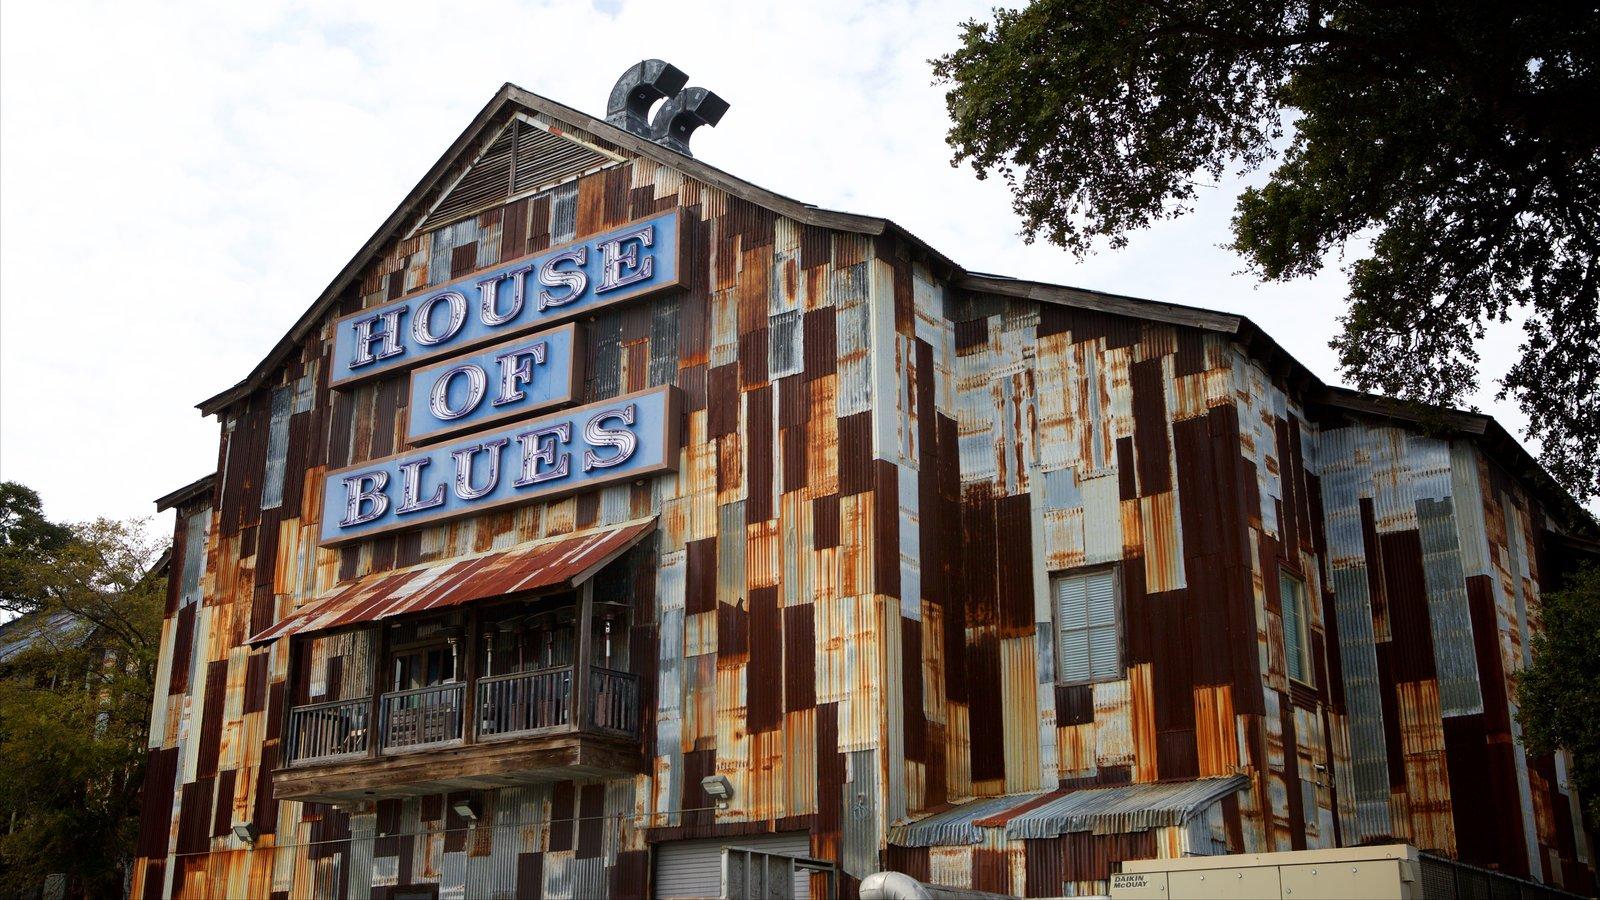 House of Blues Myrtle Beach que inclui elementos de patrimônio e sinalização